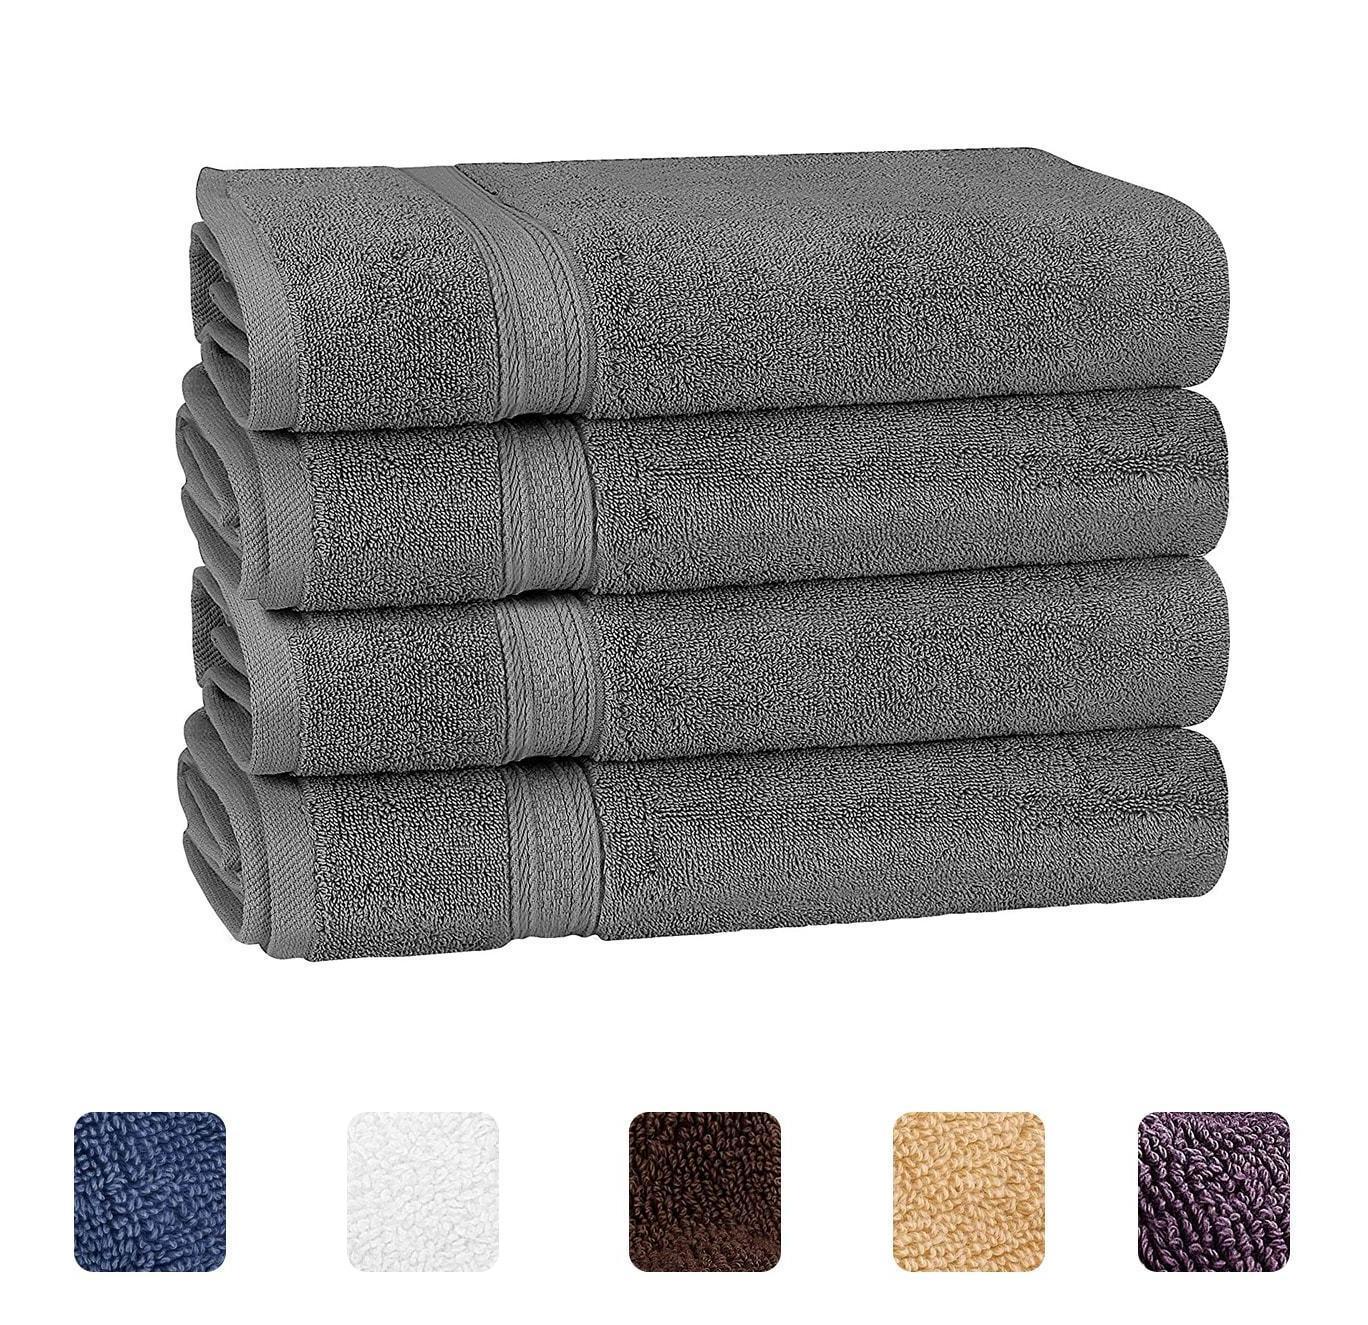 6 Premium Hand 700 Cotton 16 Inches